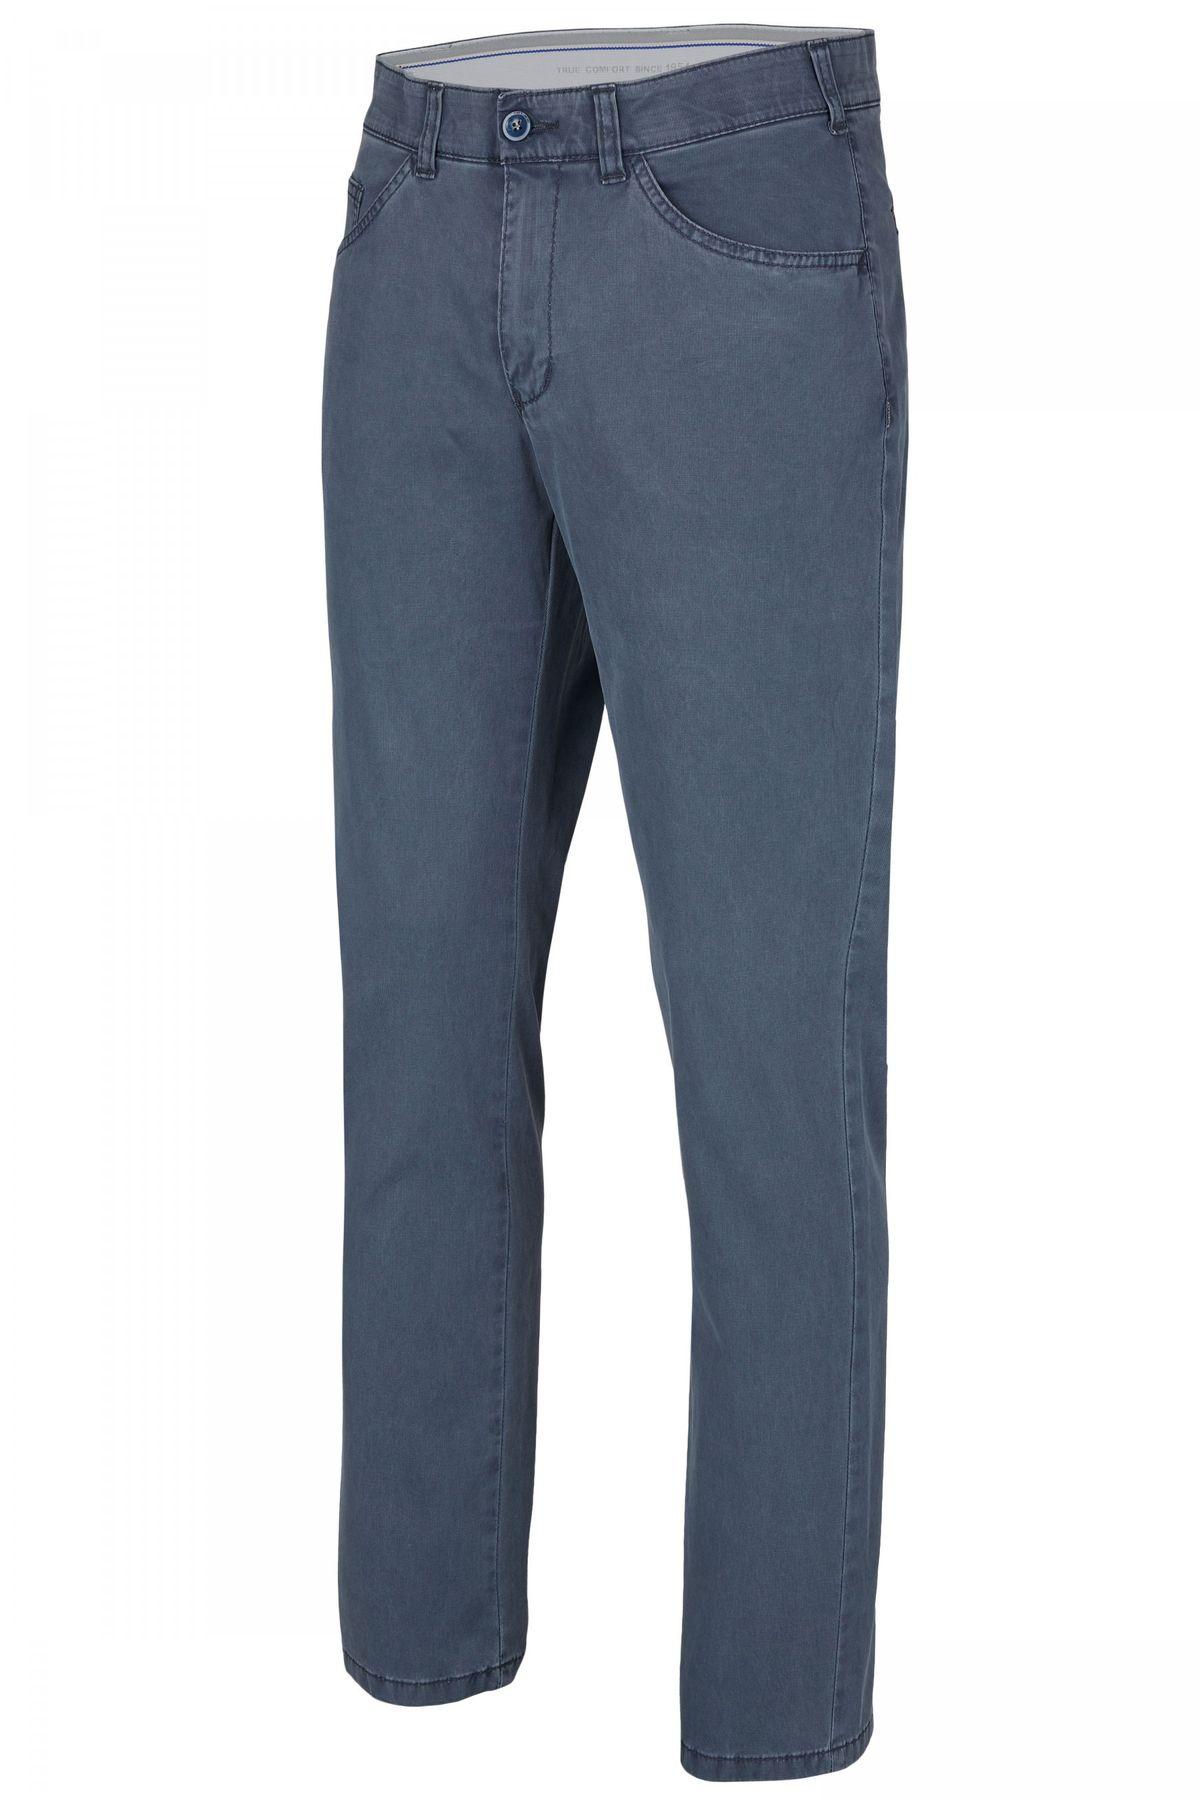 Bundle - Club of Comfort - Herren Swing Pocket Jeans, Regular Leg, in 3 Farben, Keno (6527) – Bild 7